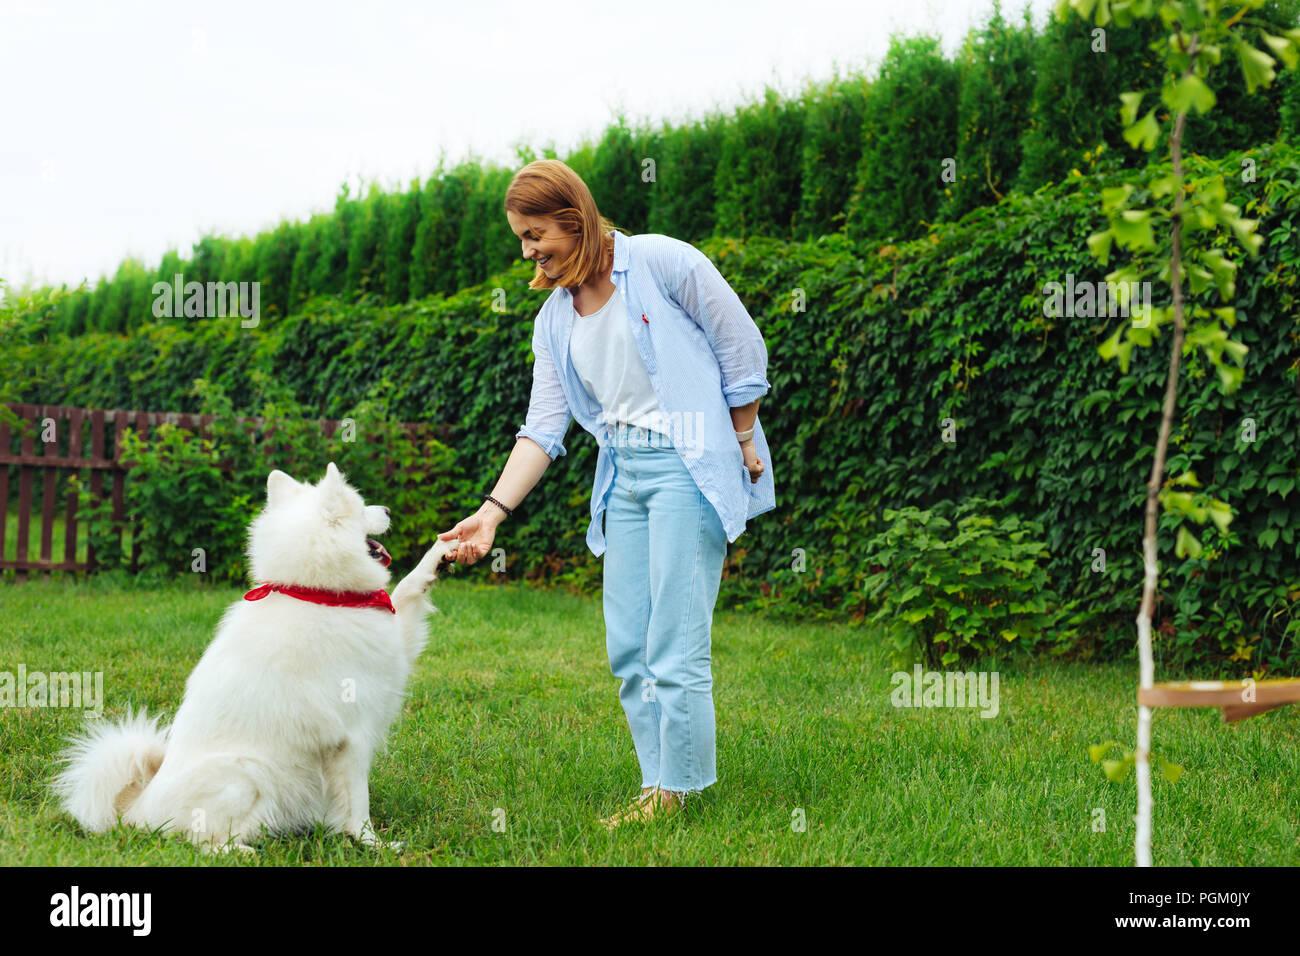 Elegante bionda donna che gioca con il cane in giardino Immagini Stock